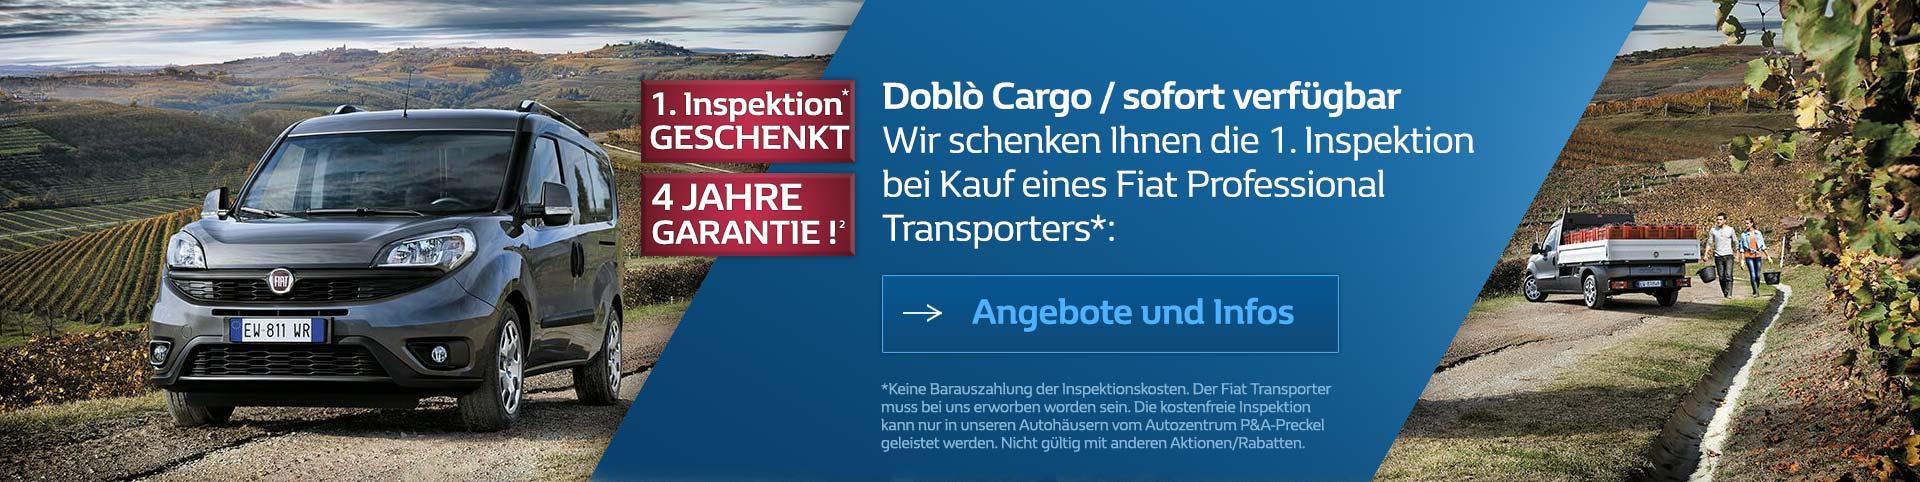 Fiat Doblo Cargo Angebot